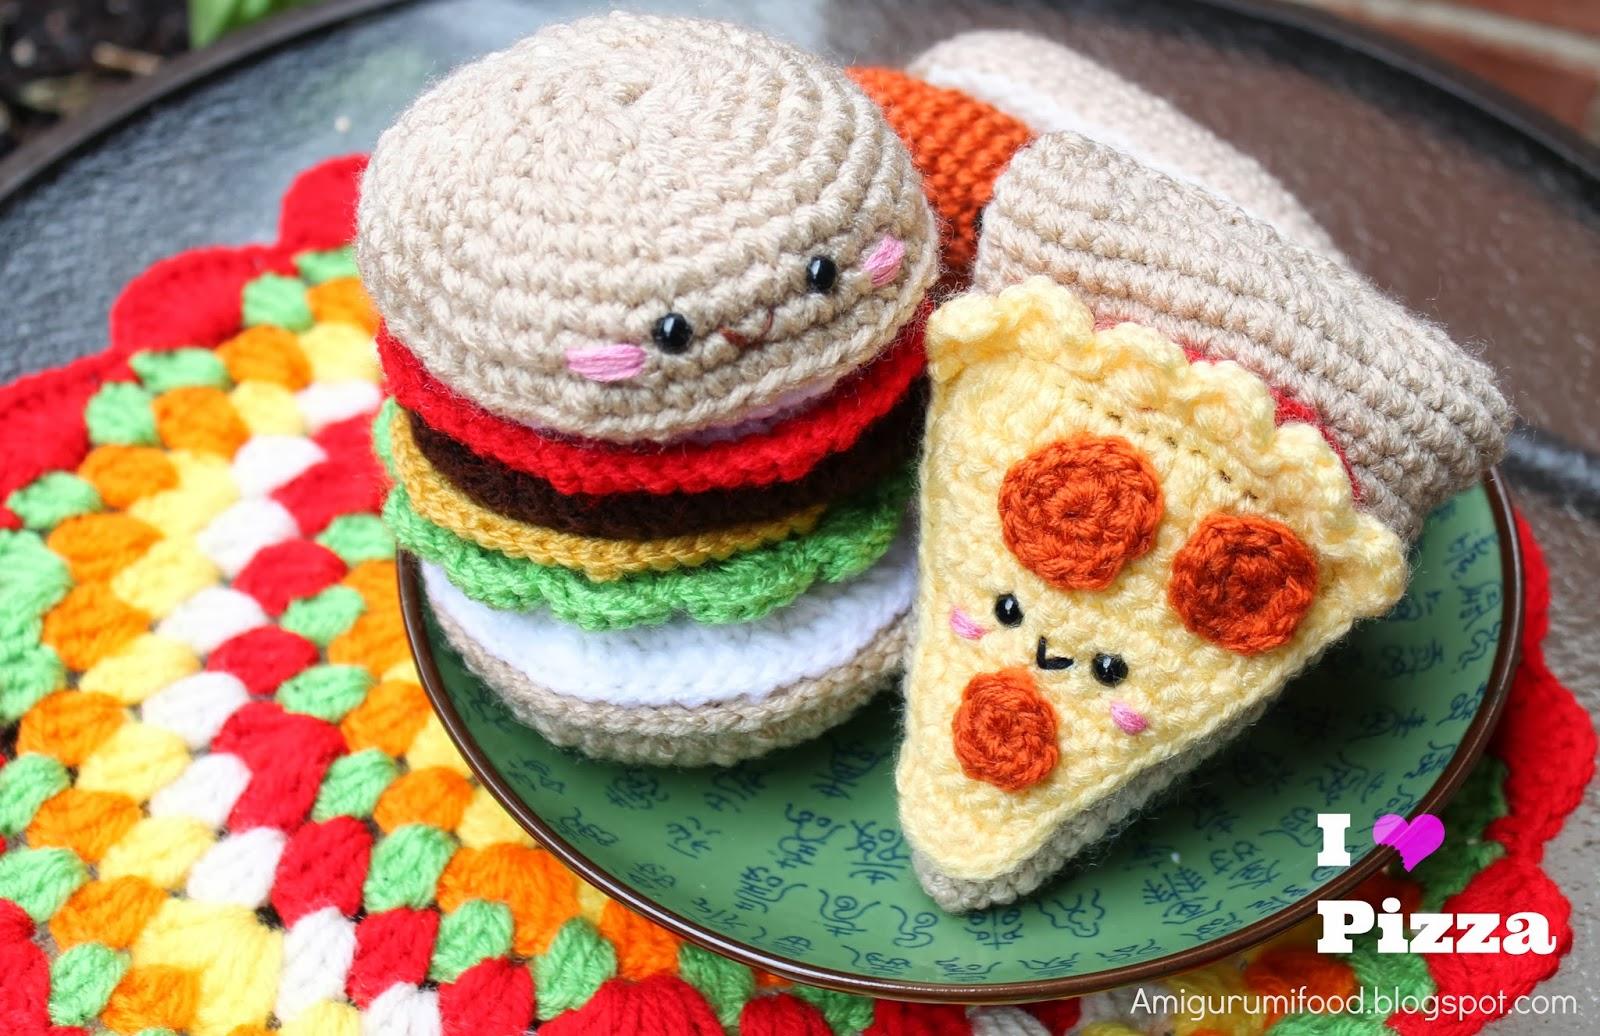 Amigurumi Food: Pizza Amigurumi